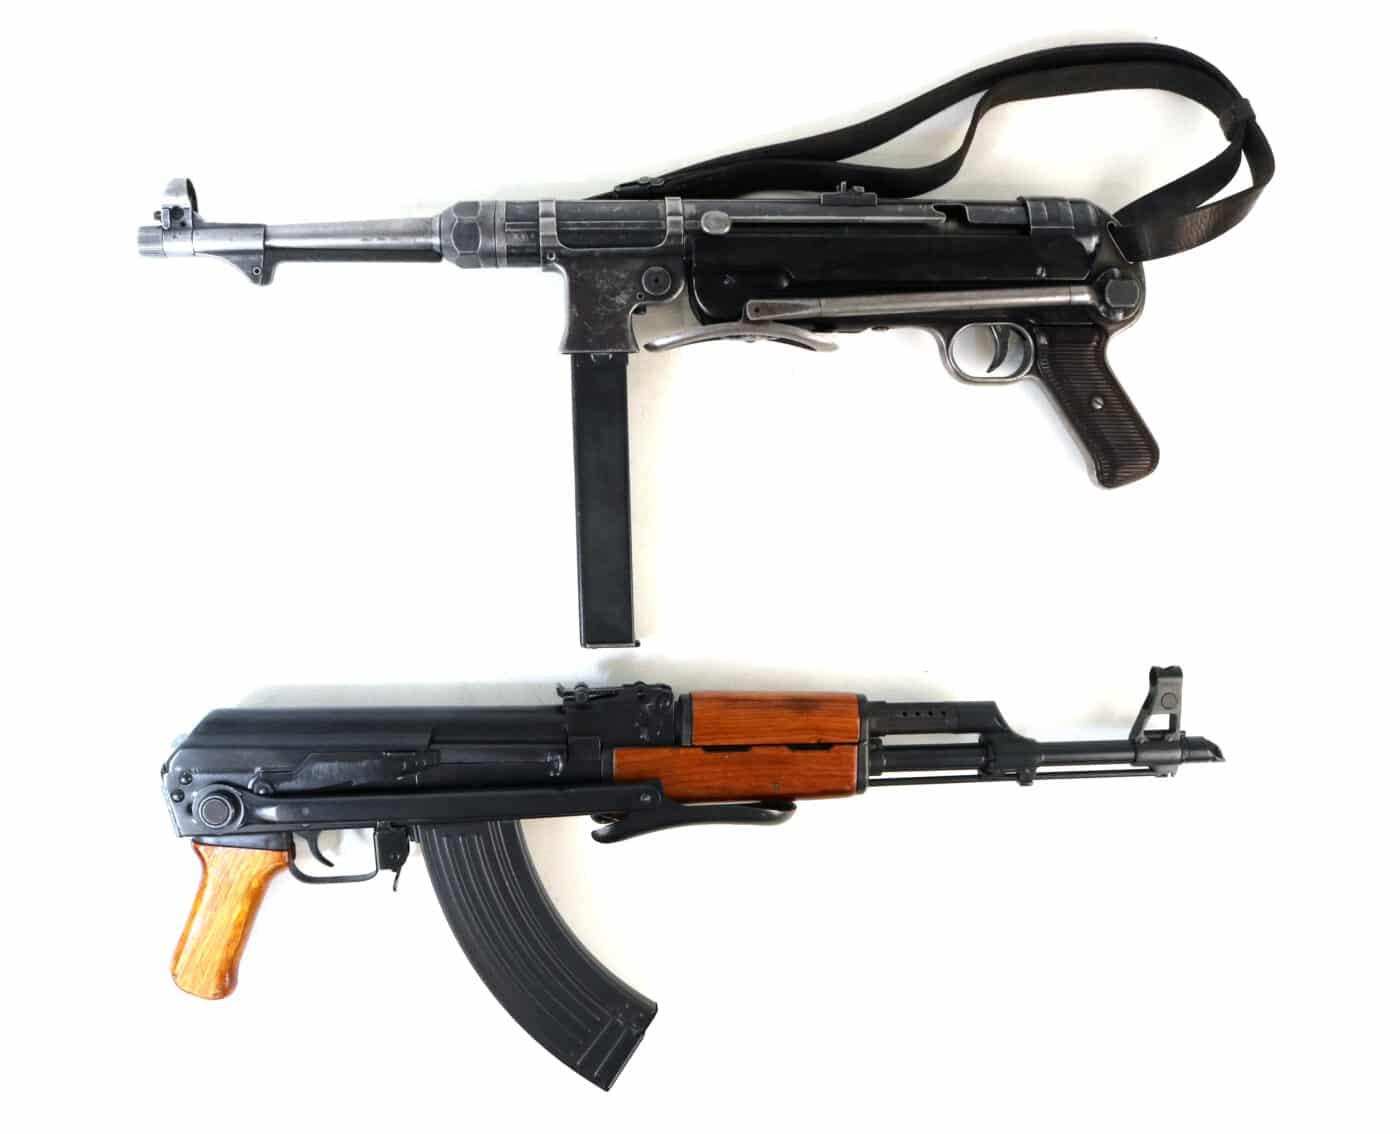 Comparison of MP40 and AK